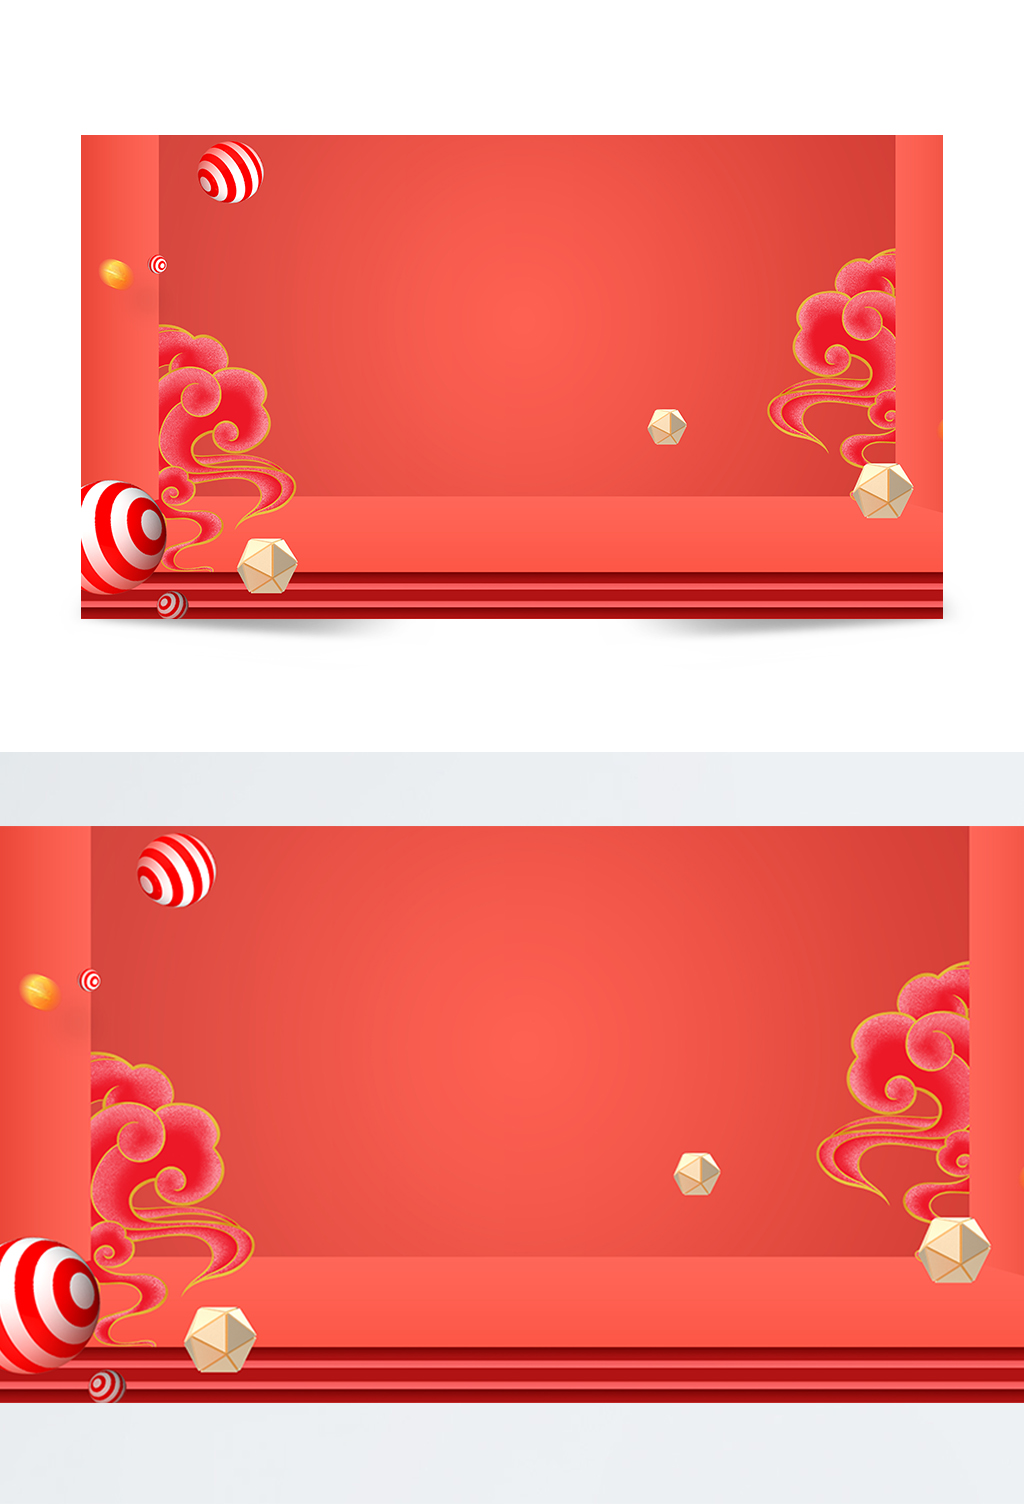 红色节日舞台元素背景